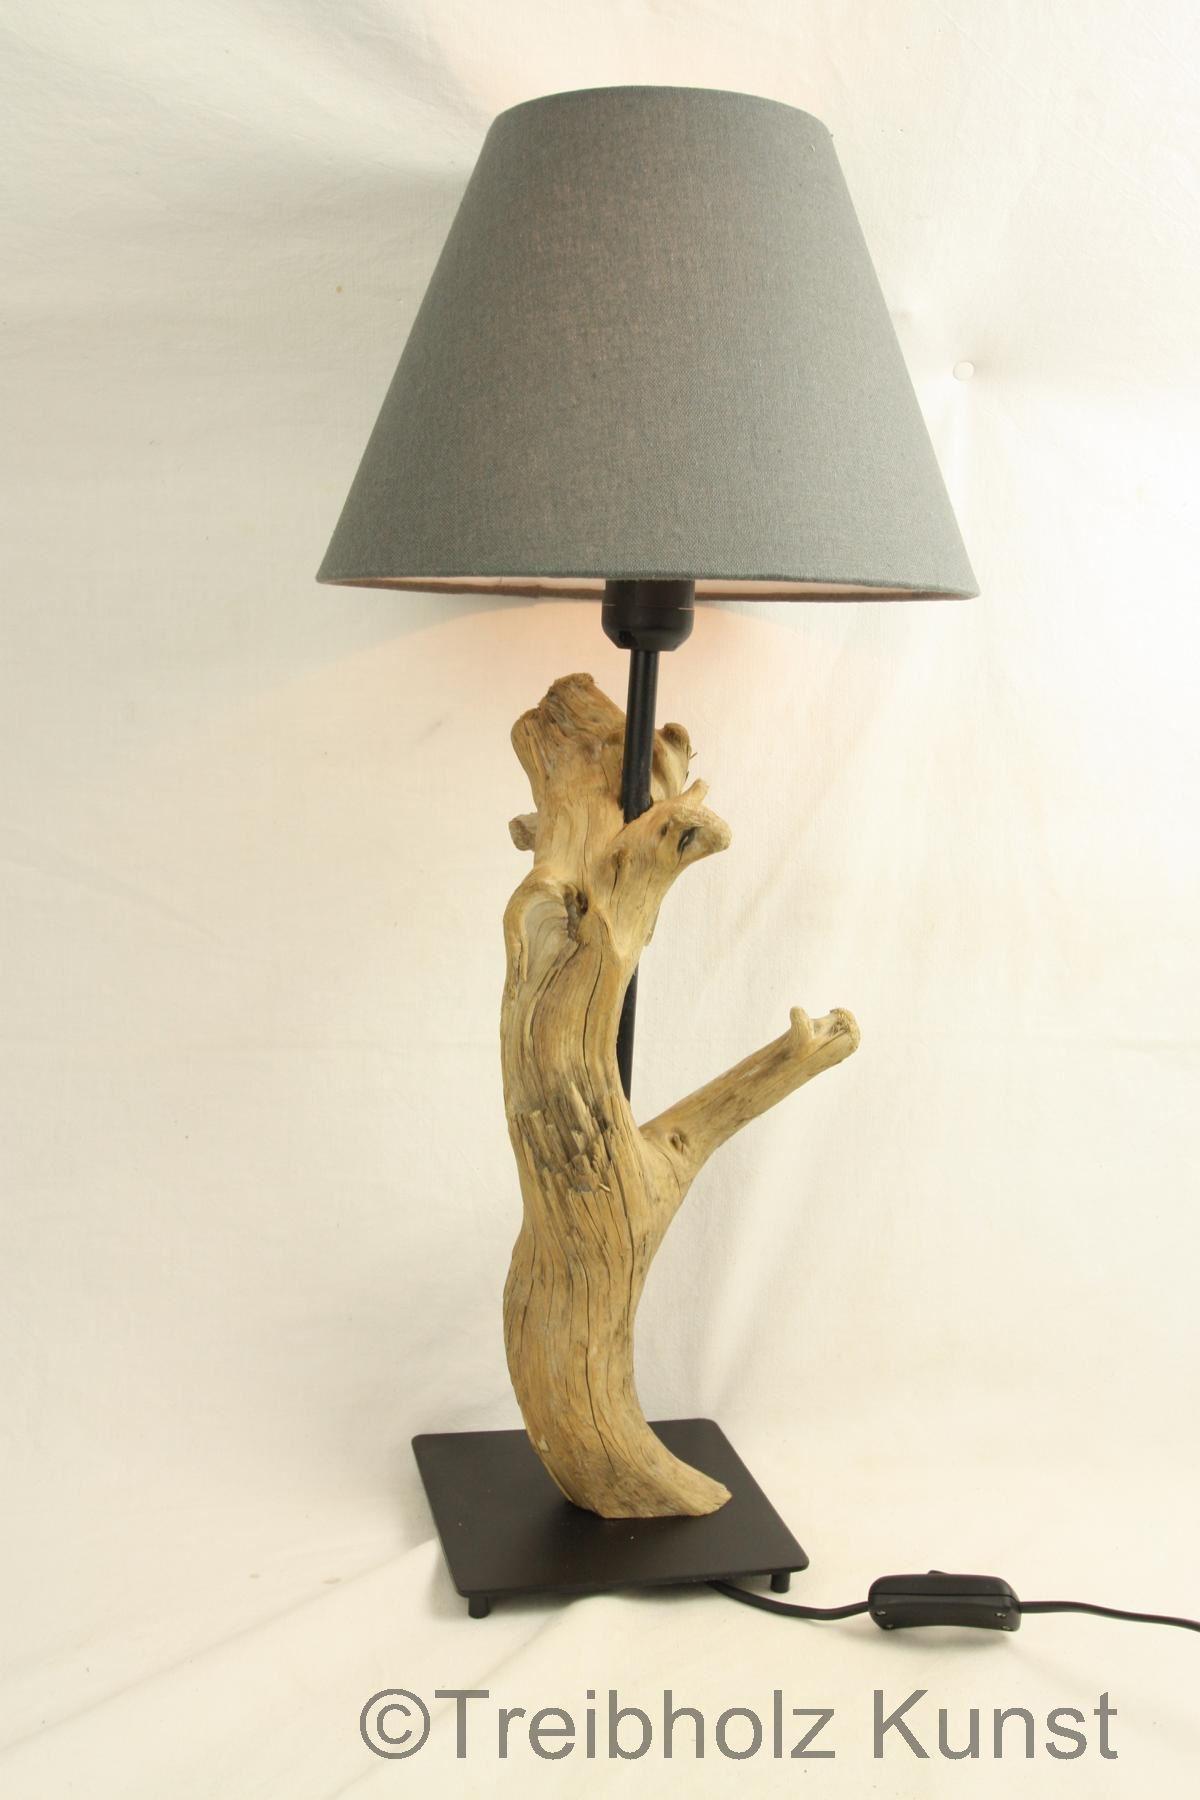 Treibholz Lampe Mit Schirm Www Treibholz Bodensee De Tischlampe